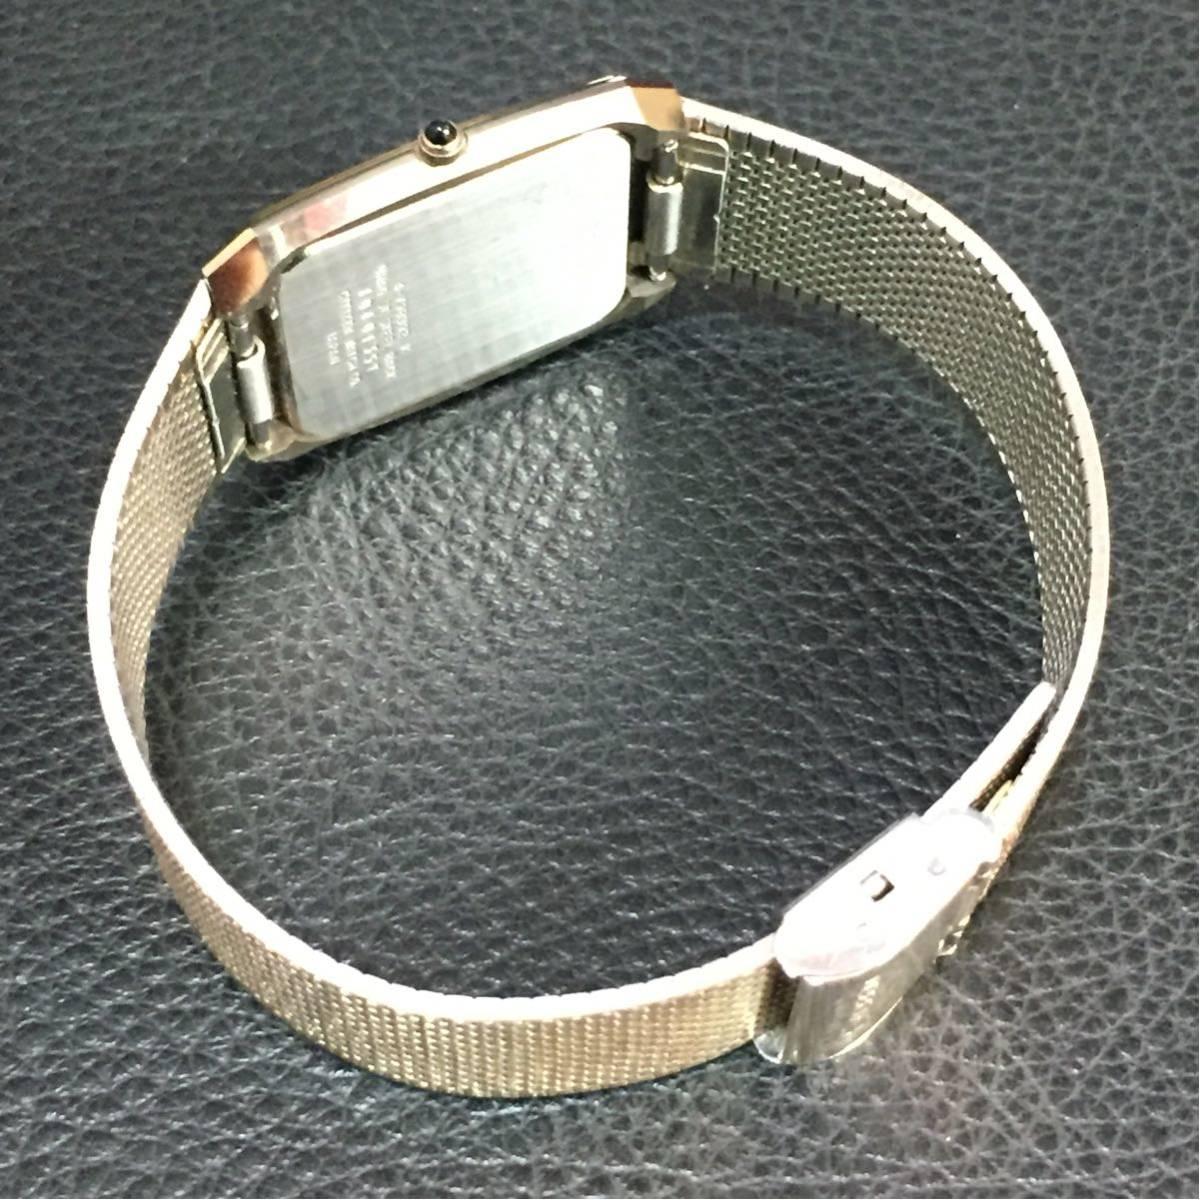 動作品【B-3】CITIZEN シチズン EXCEED エクシード 4-798392 クォーツ メンズ 腕時計_画像6